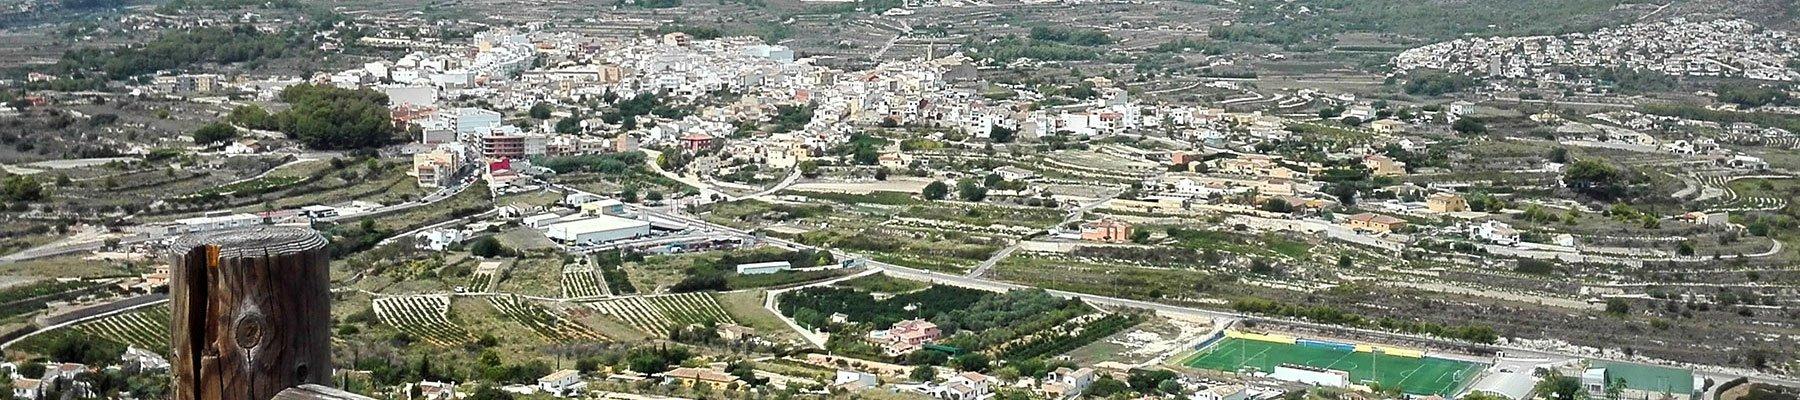 Información Socioeconómica y Laboral del Municipio de Poble Nou de Benitatxell